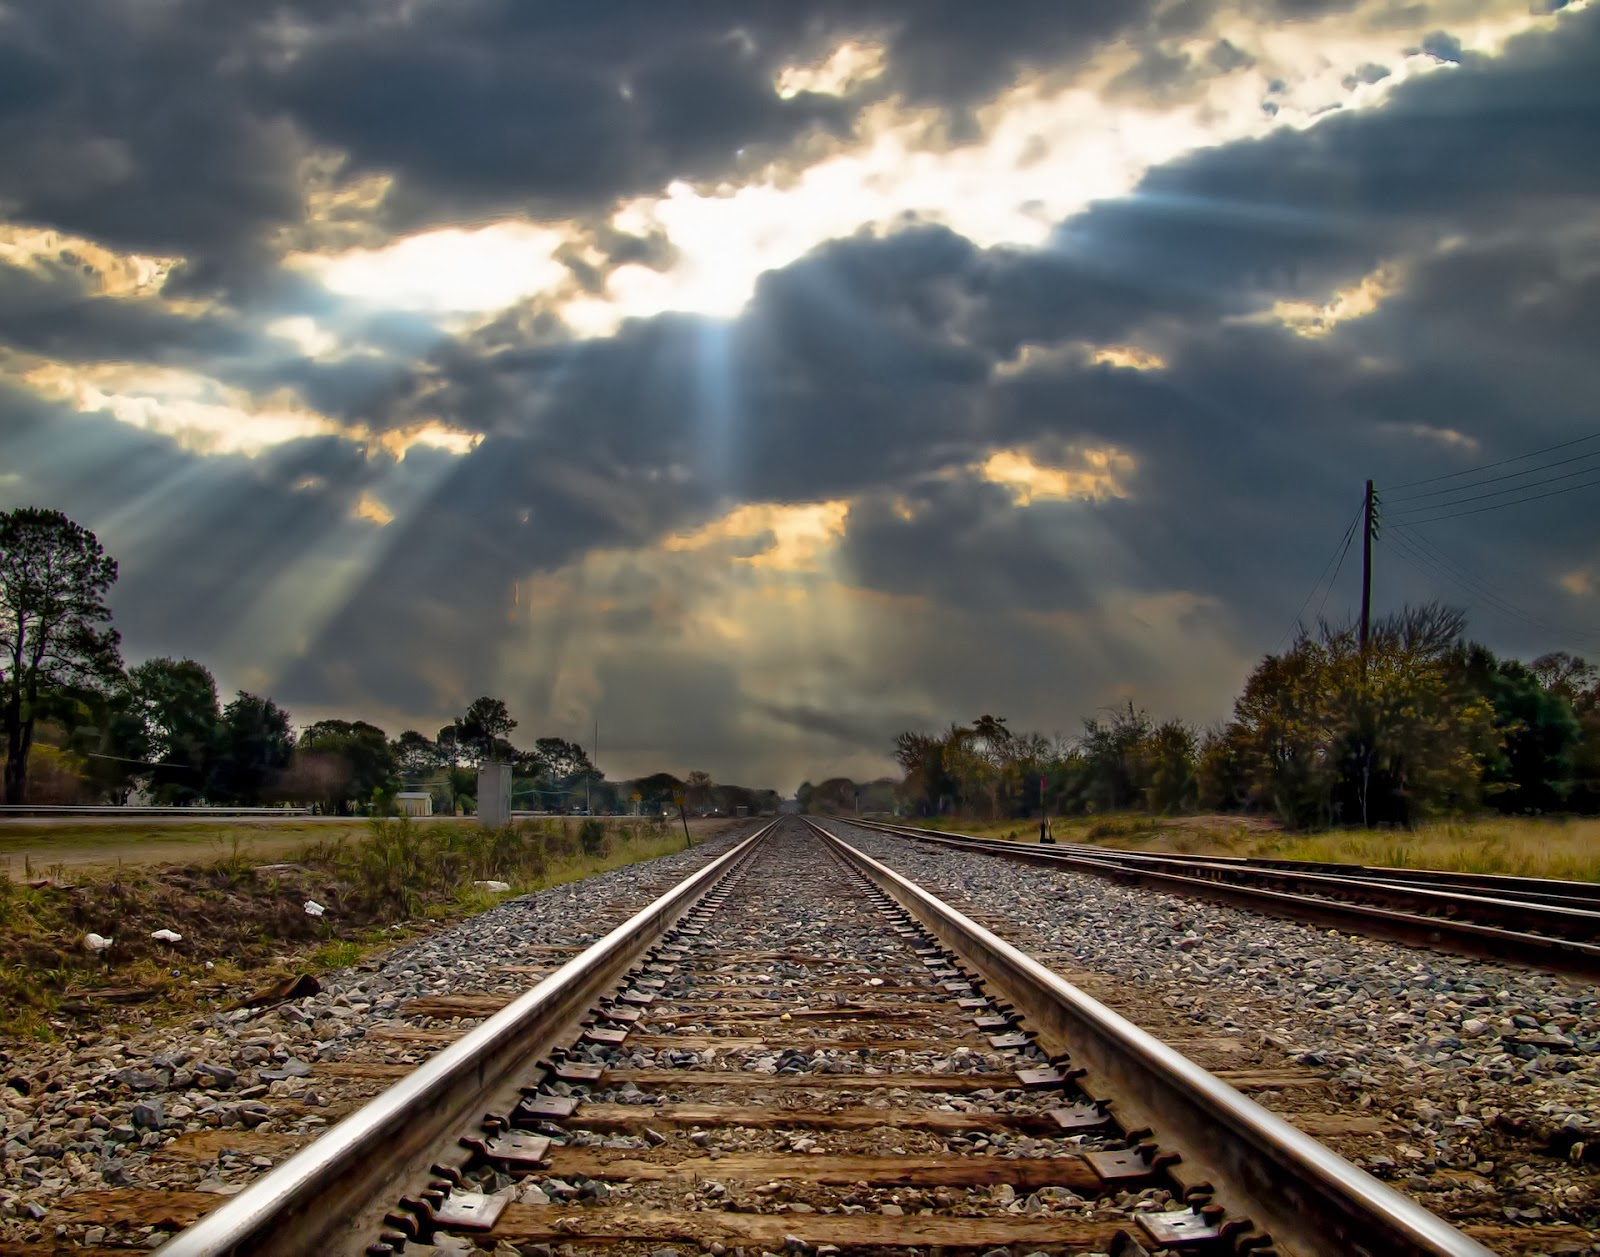 novella, találkozás, utazás, vonatozás, emlékek